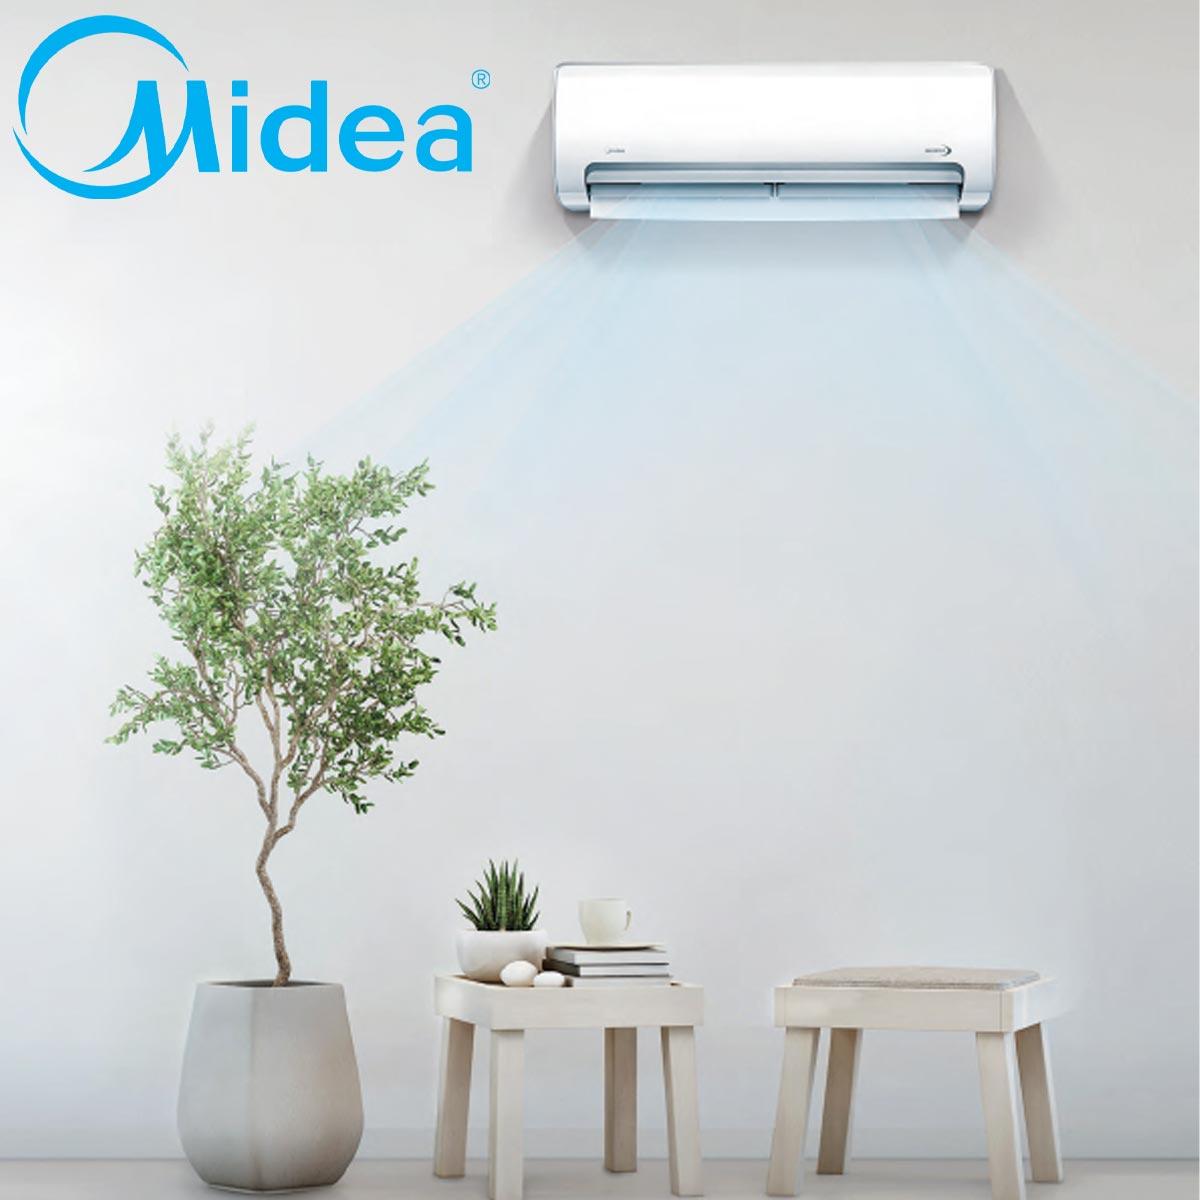 Midea-Klimaanlage-Mission-Pro-Wandgeraet-5